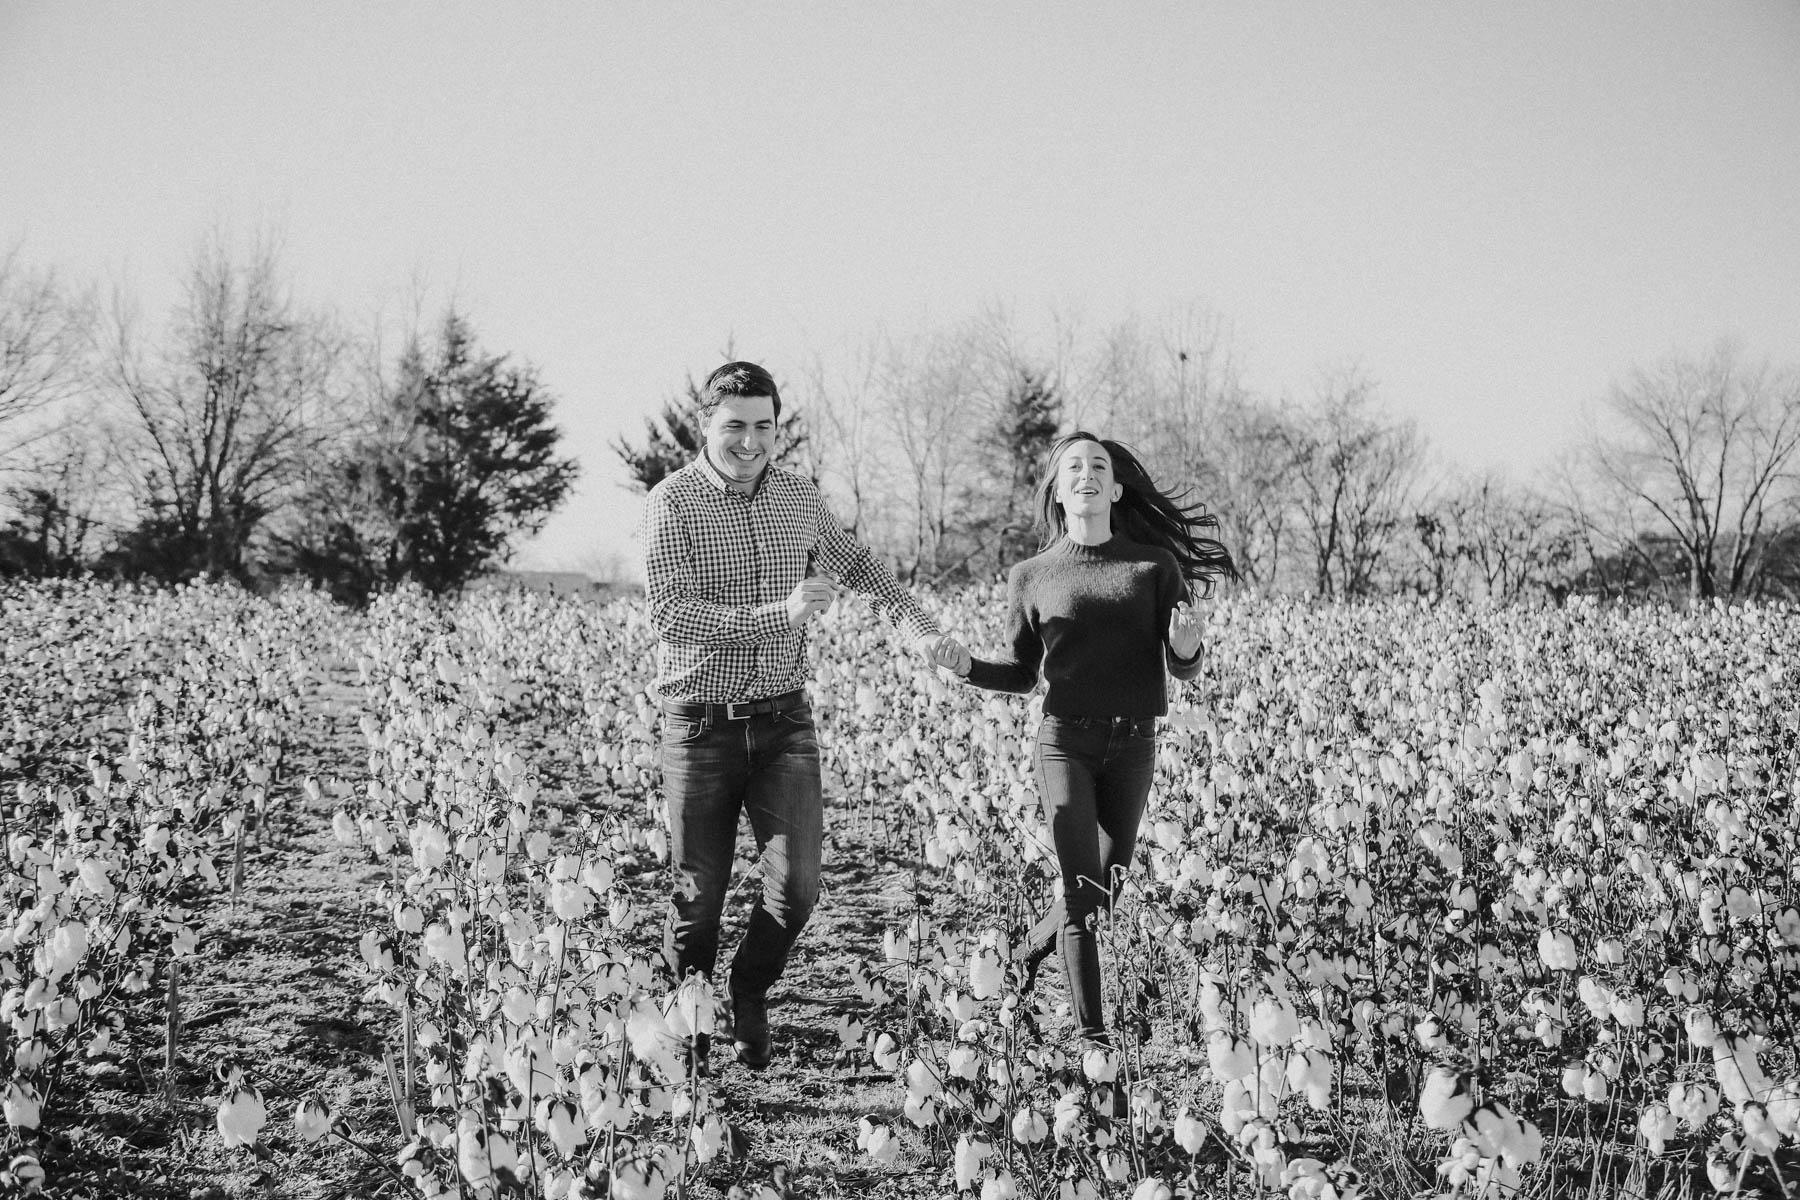 Nashville_Cotton_Field_Engagement-2.jpg